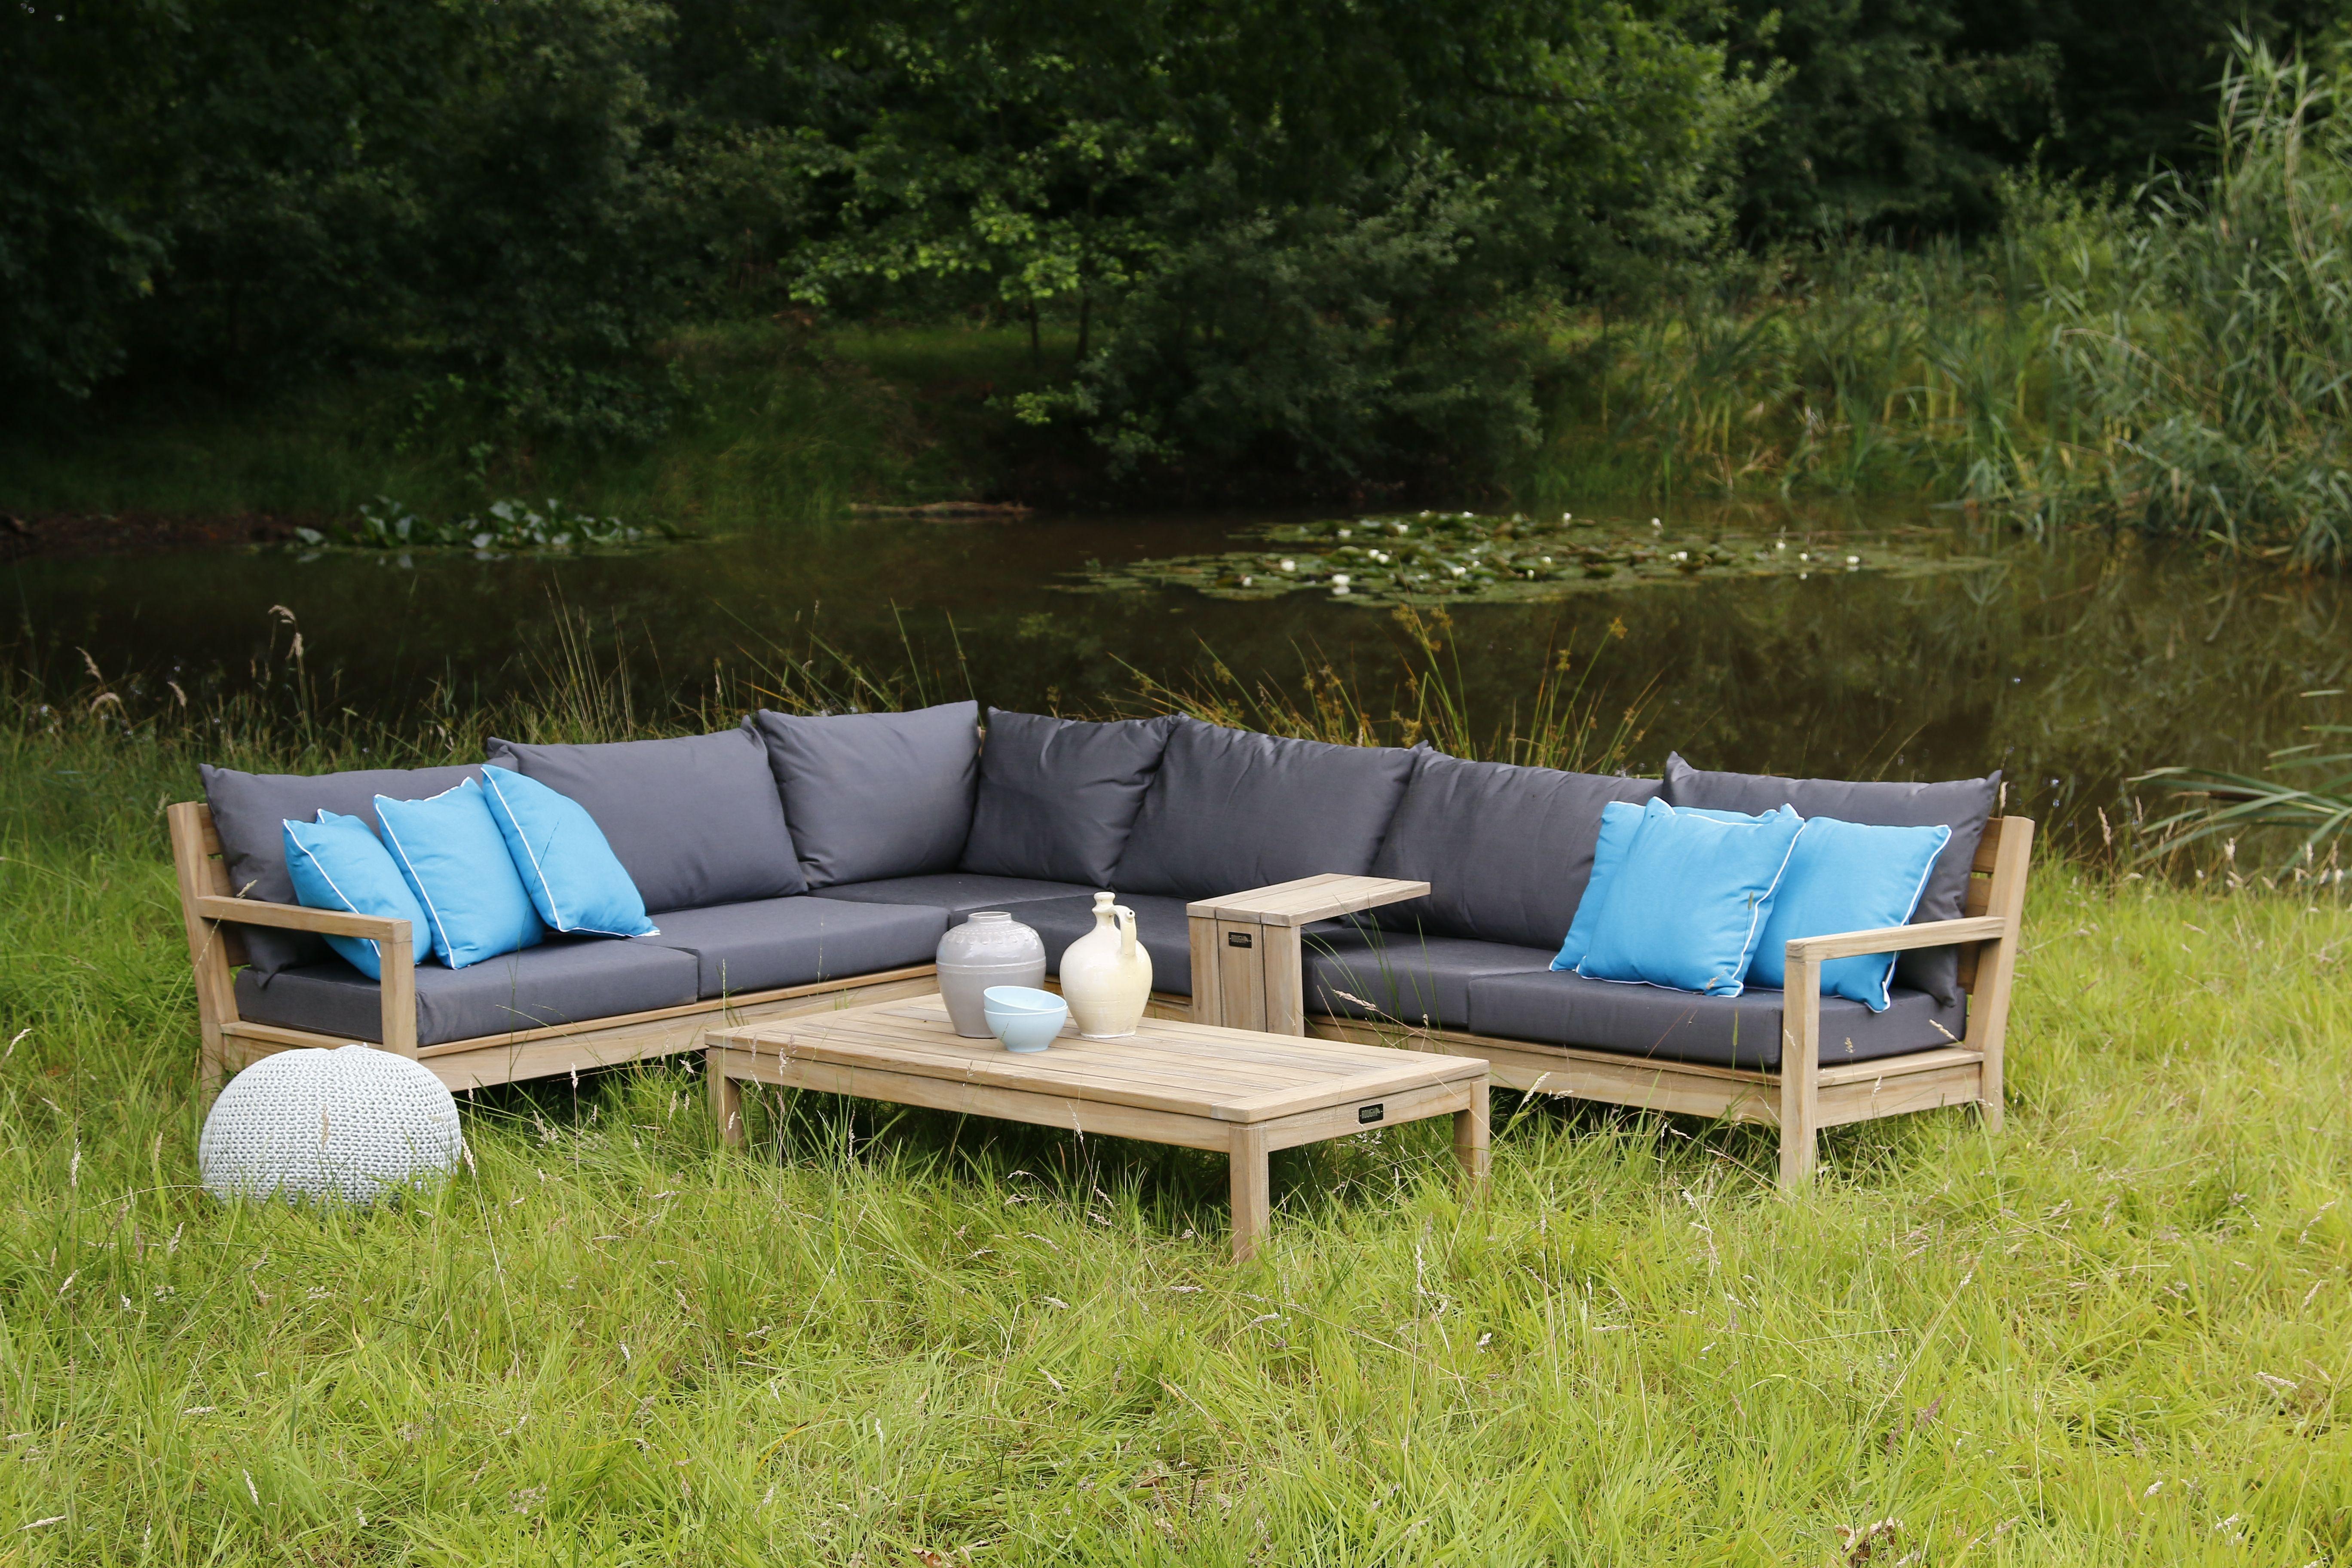 Lage rechthoekige lounge tafel in het gras bij loungeset van hout tuintafel inspiratie kees - Kees smit gartenmobel ...